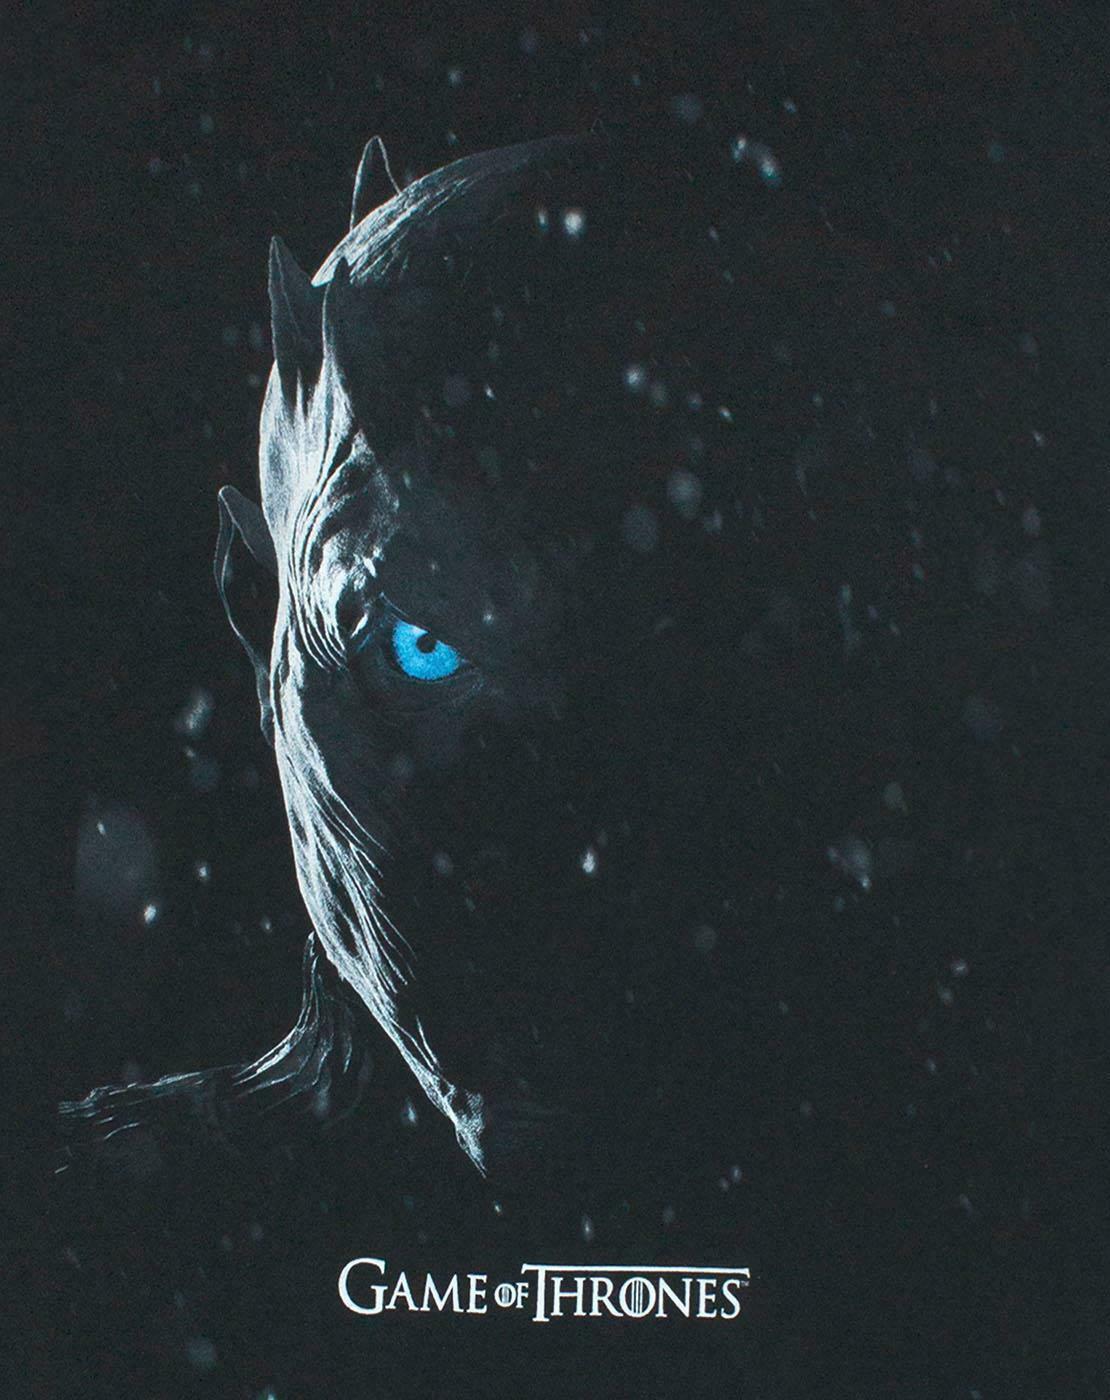 Game-Of-Thrones-Night-Ice-King-White-Walker-Leader-Men-039-s-Black-T-Shirt thumbnail 8